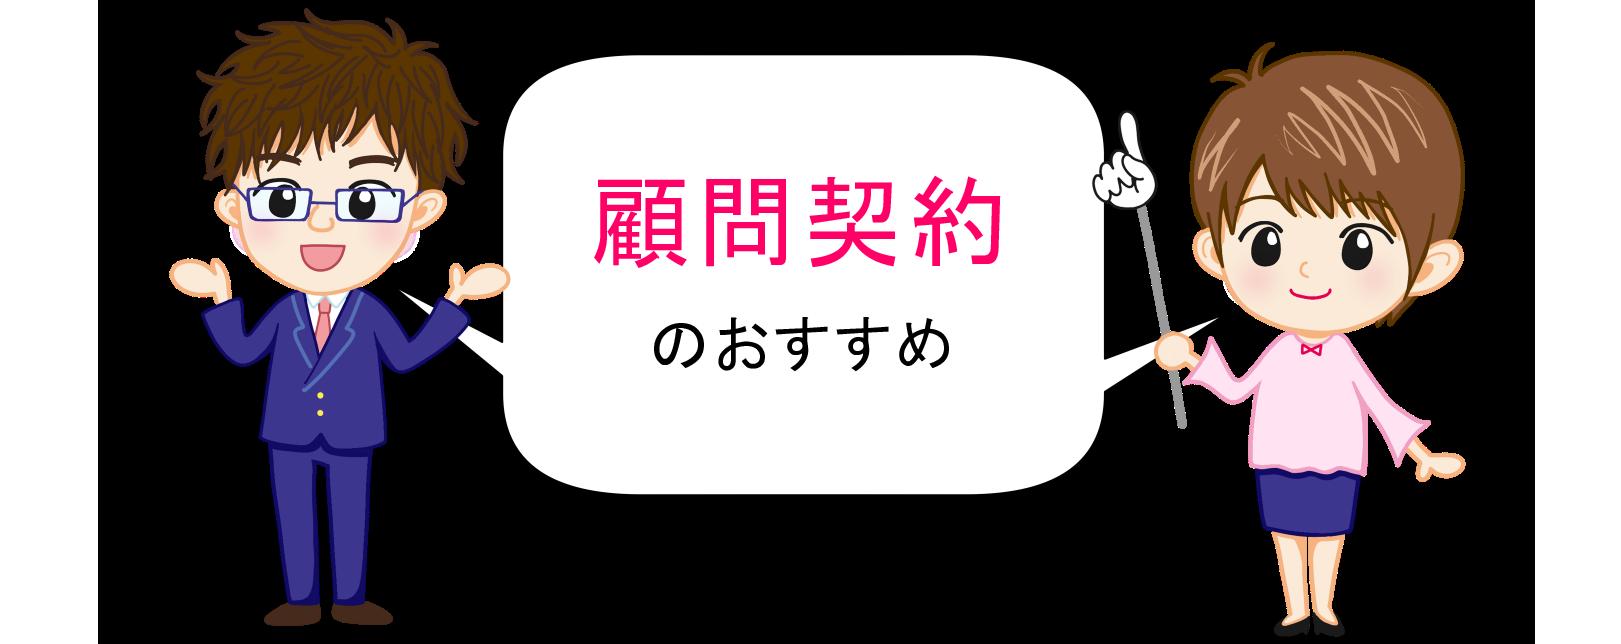 収運タイトル (1)